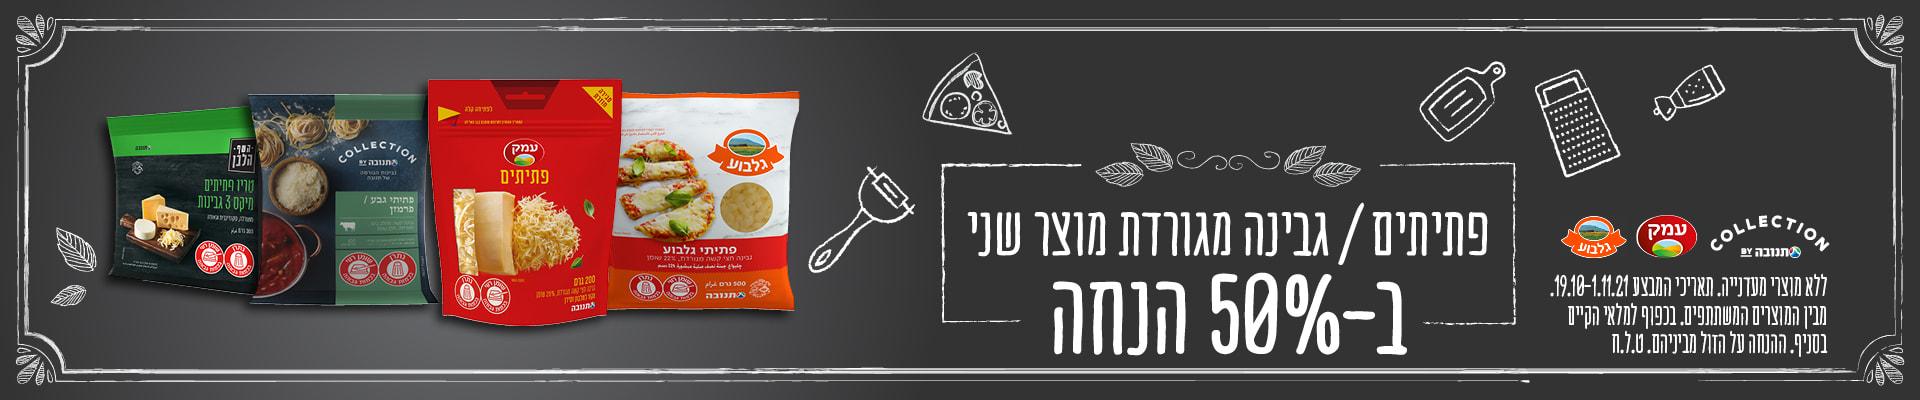 פתיתים/גבינה מגורדת מוצר שני ב-50% הנחה. ללא מוצרי מעדניה. המבצע עד 1.11.2021. מבין המוצרים המשתתפים. בכפוף למלאי הקיים בסניף. ההנחה על הזול מבניהם.